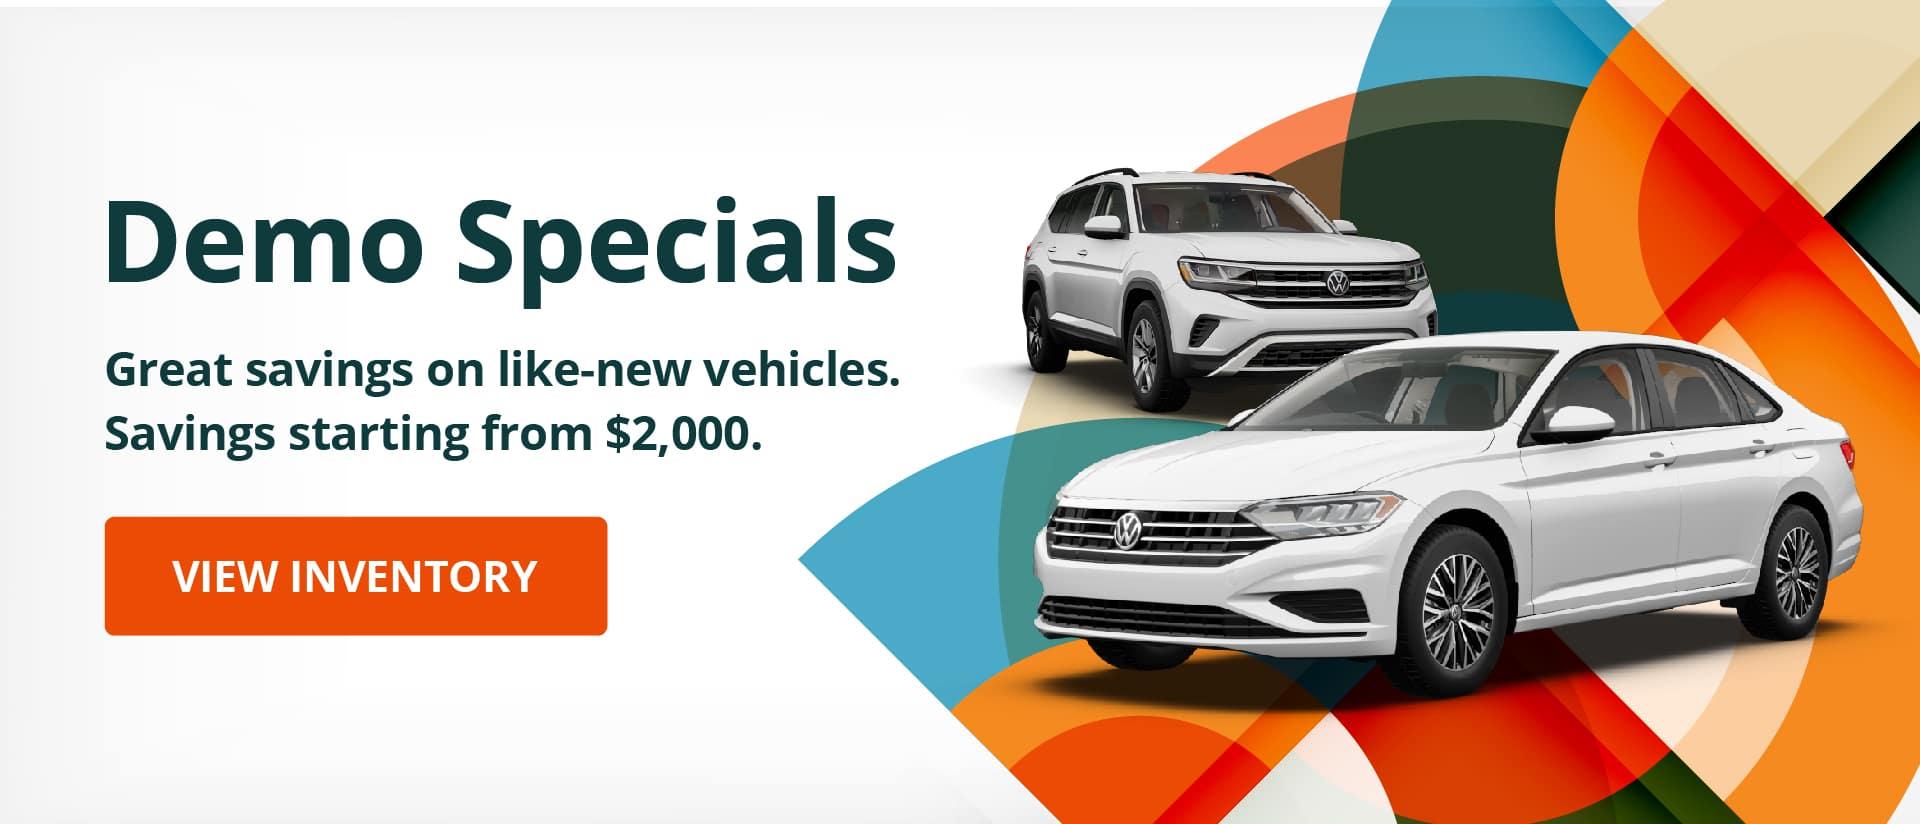 Volkswagen demo specials desktop banner